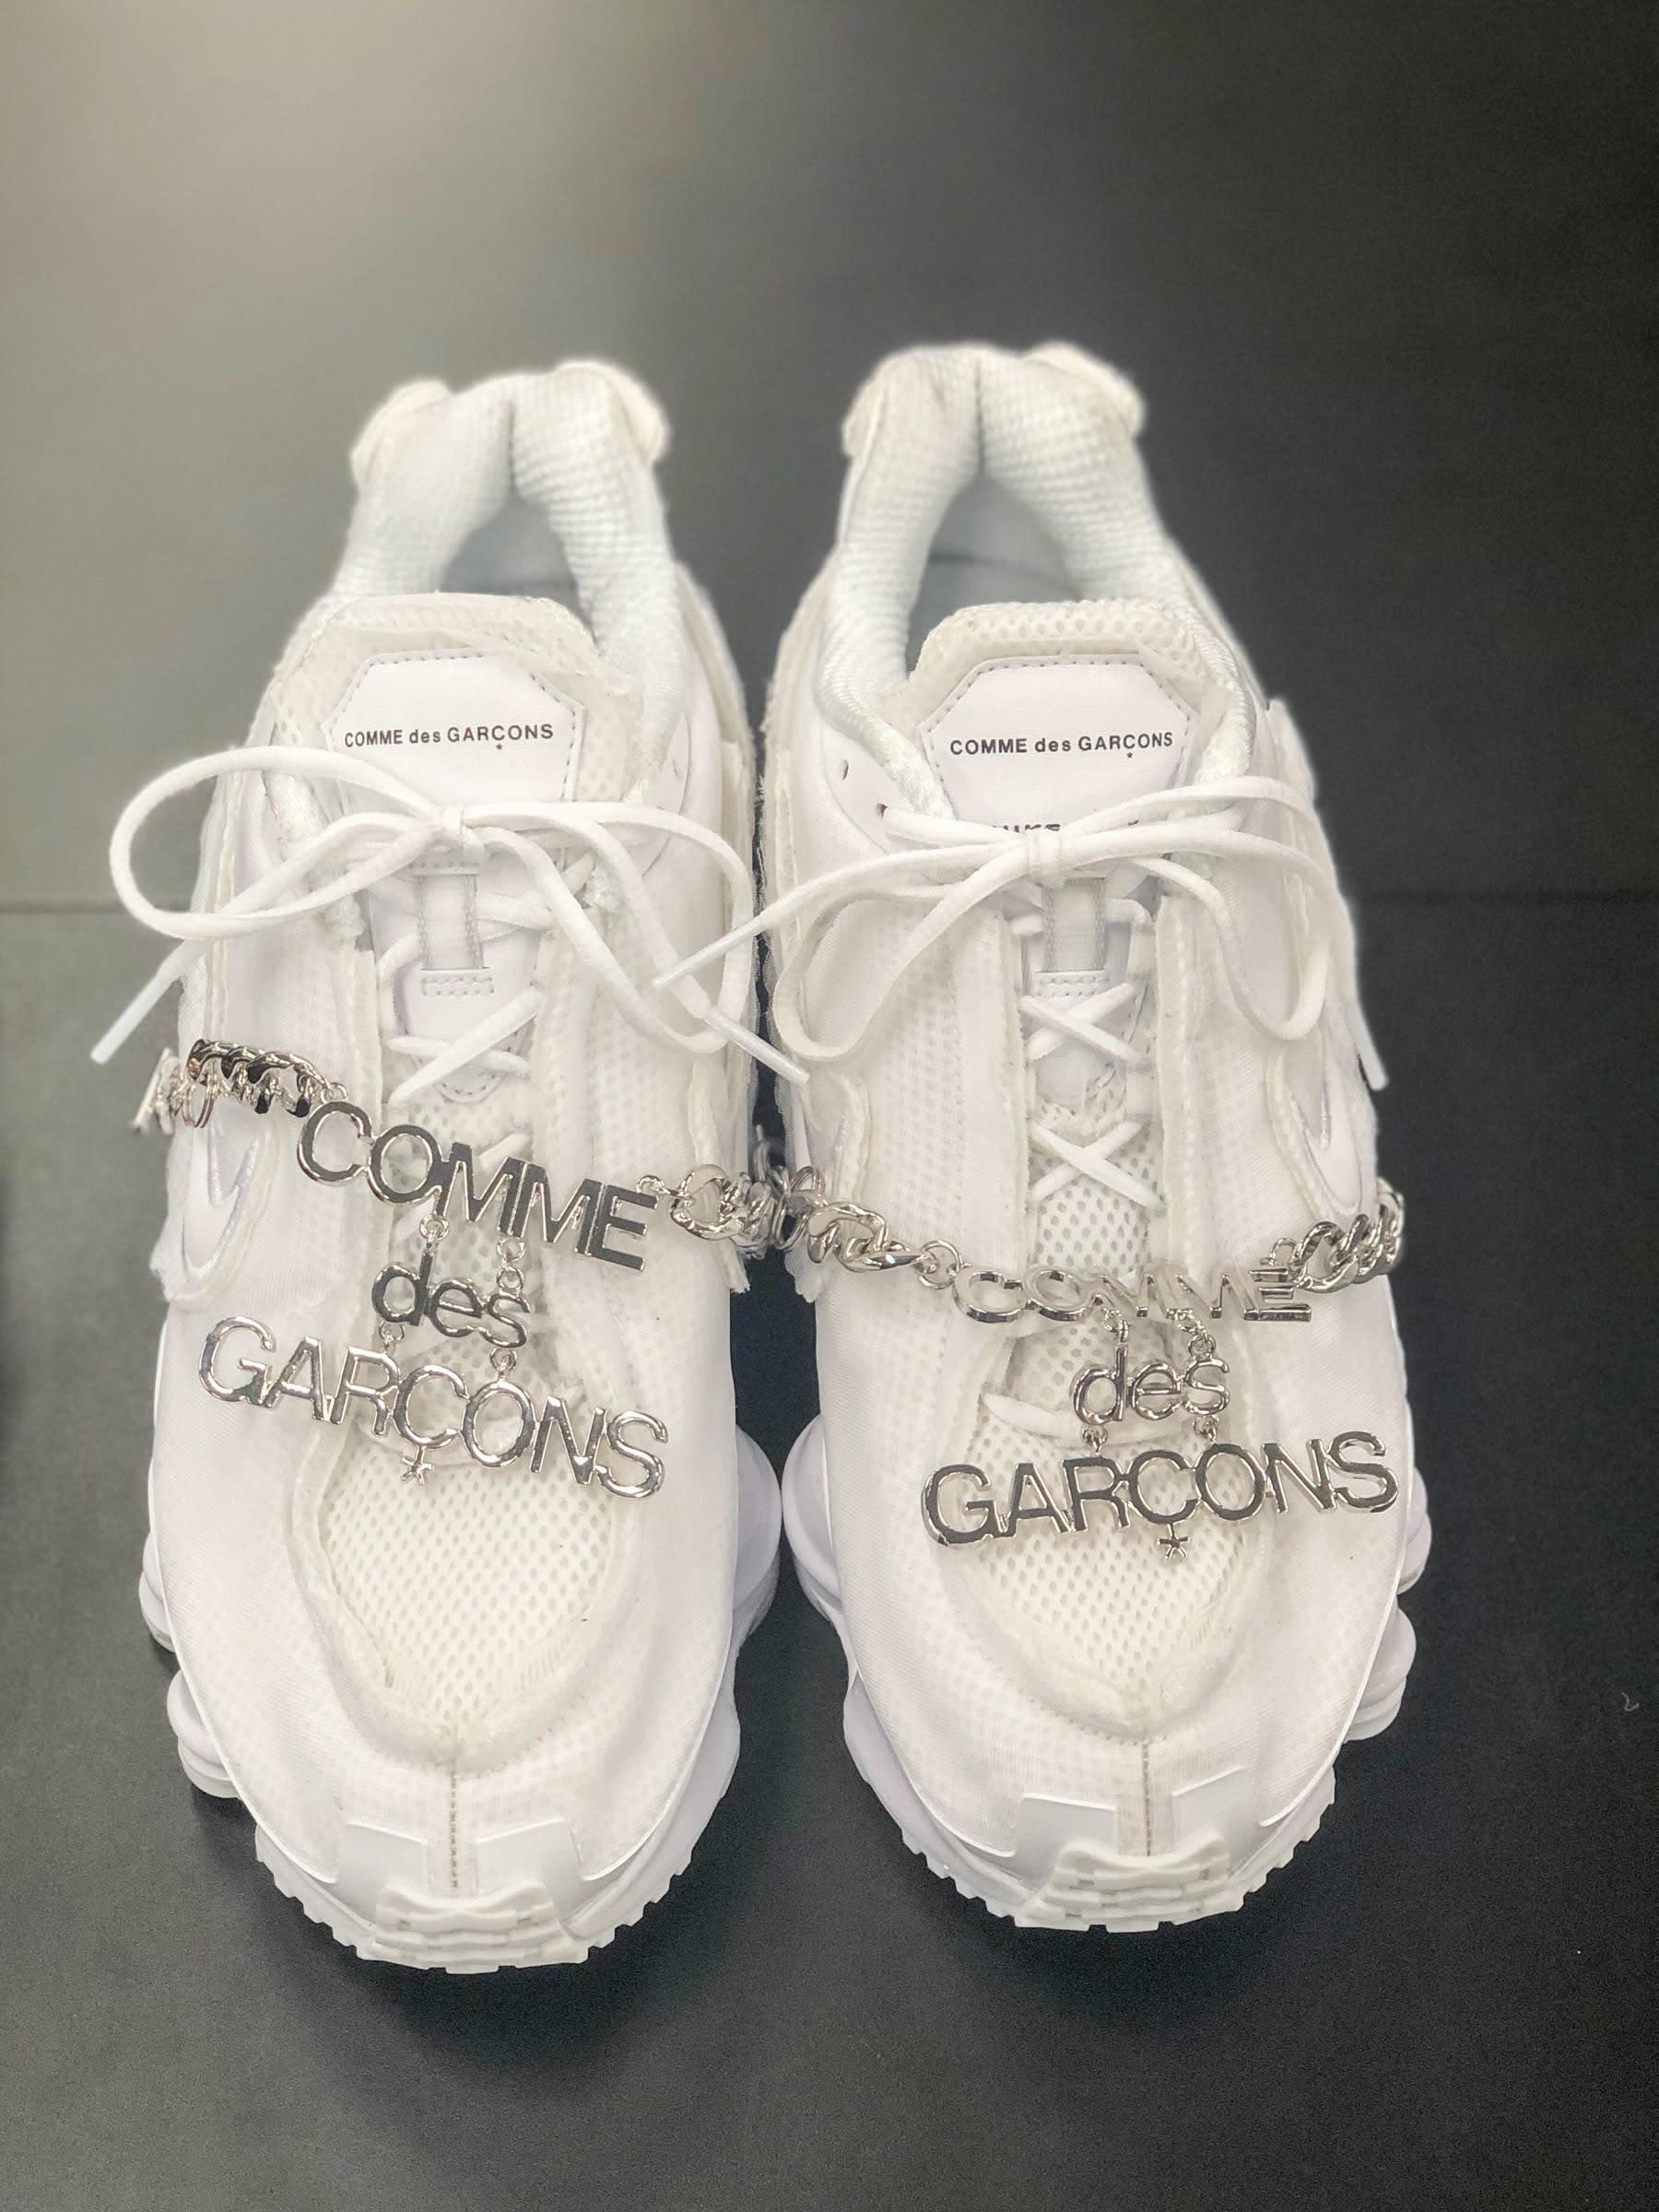 f8b7357d4bdd9 Comme des Garçons x Nike Shox (コム デ ギャルソン 2019年春夏コレクション展示会にて撮影)